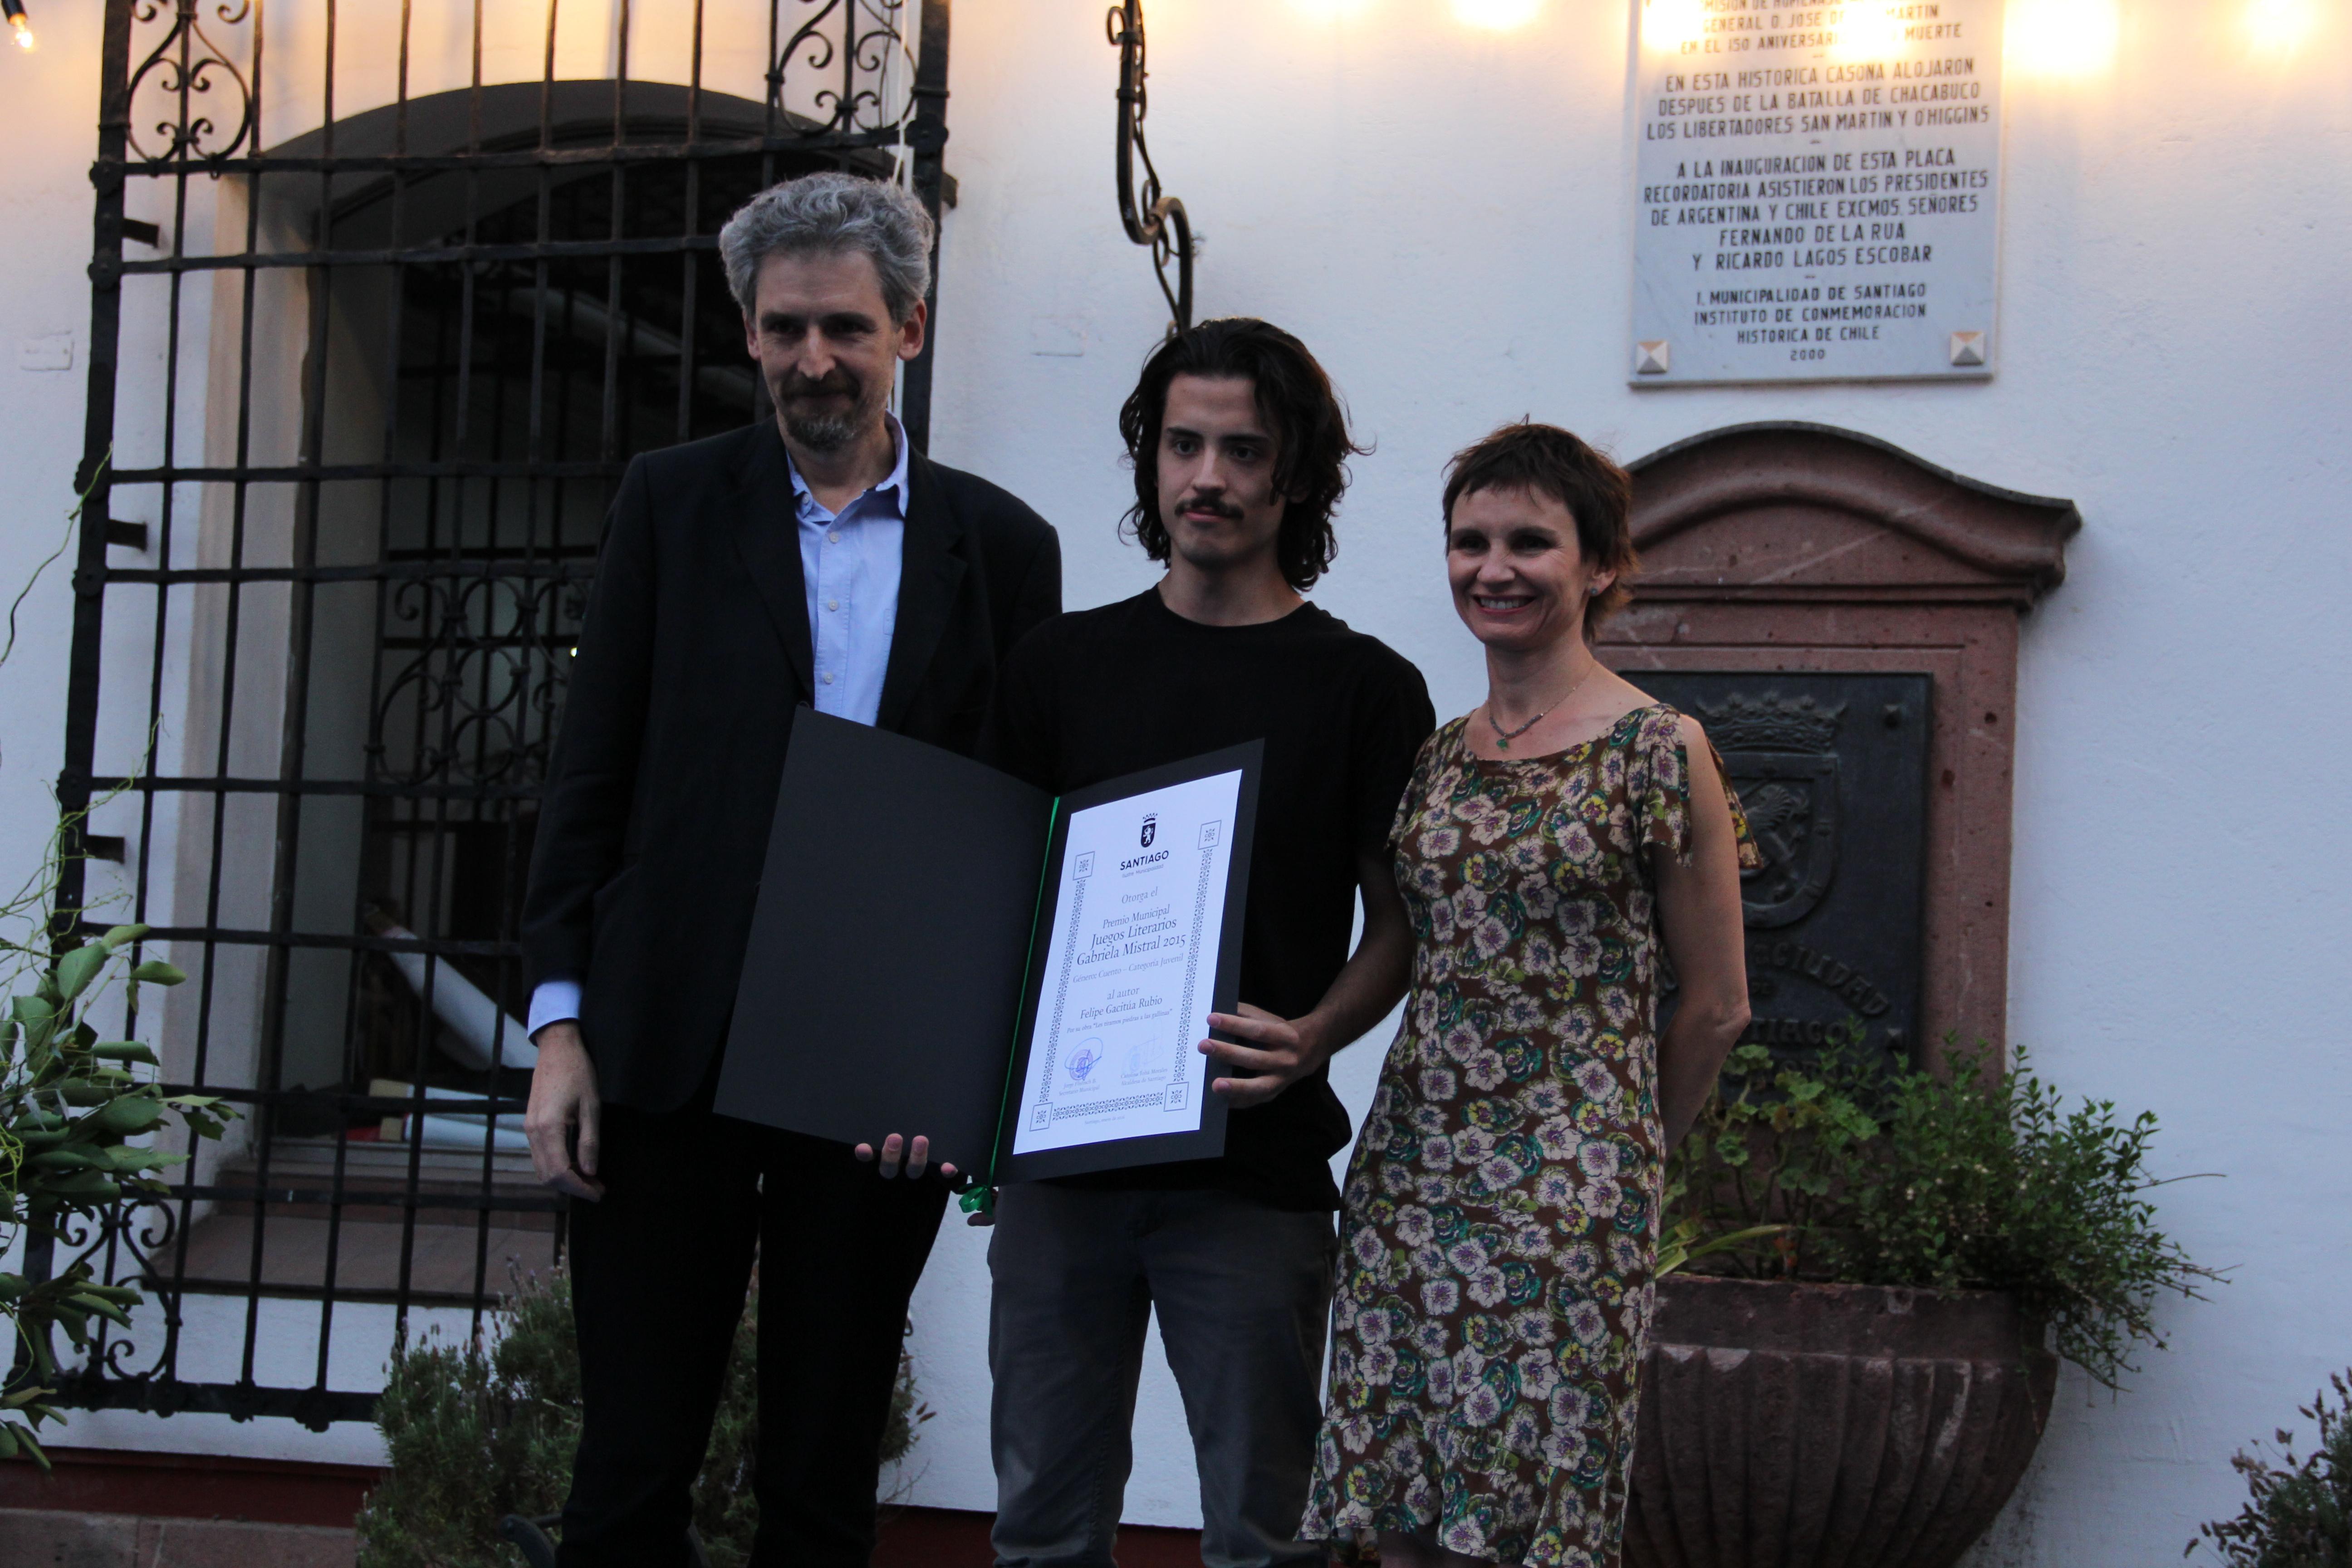 Alumno de la Escuela de Literatura Creativa ganó Premio